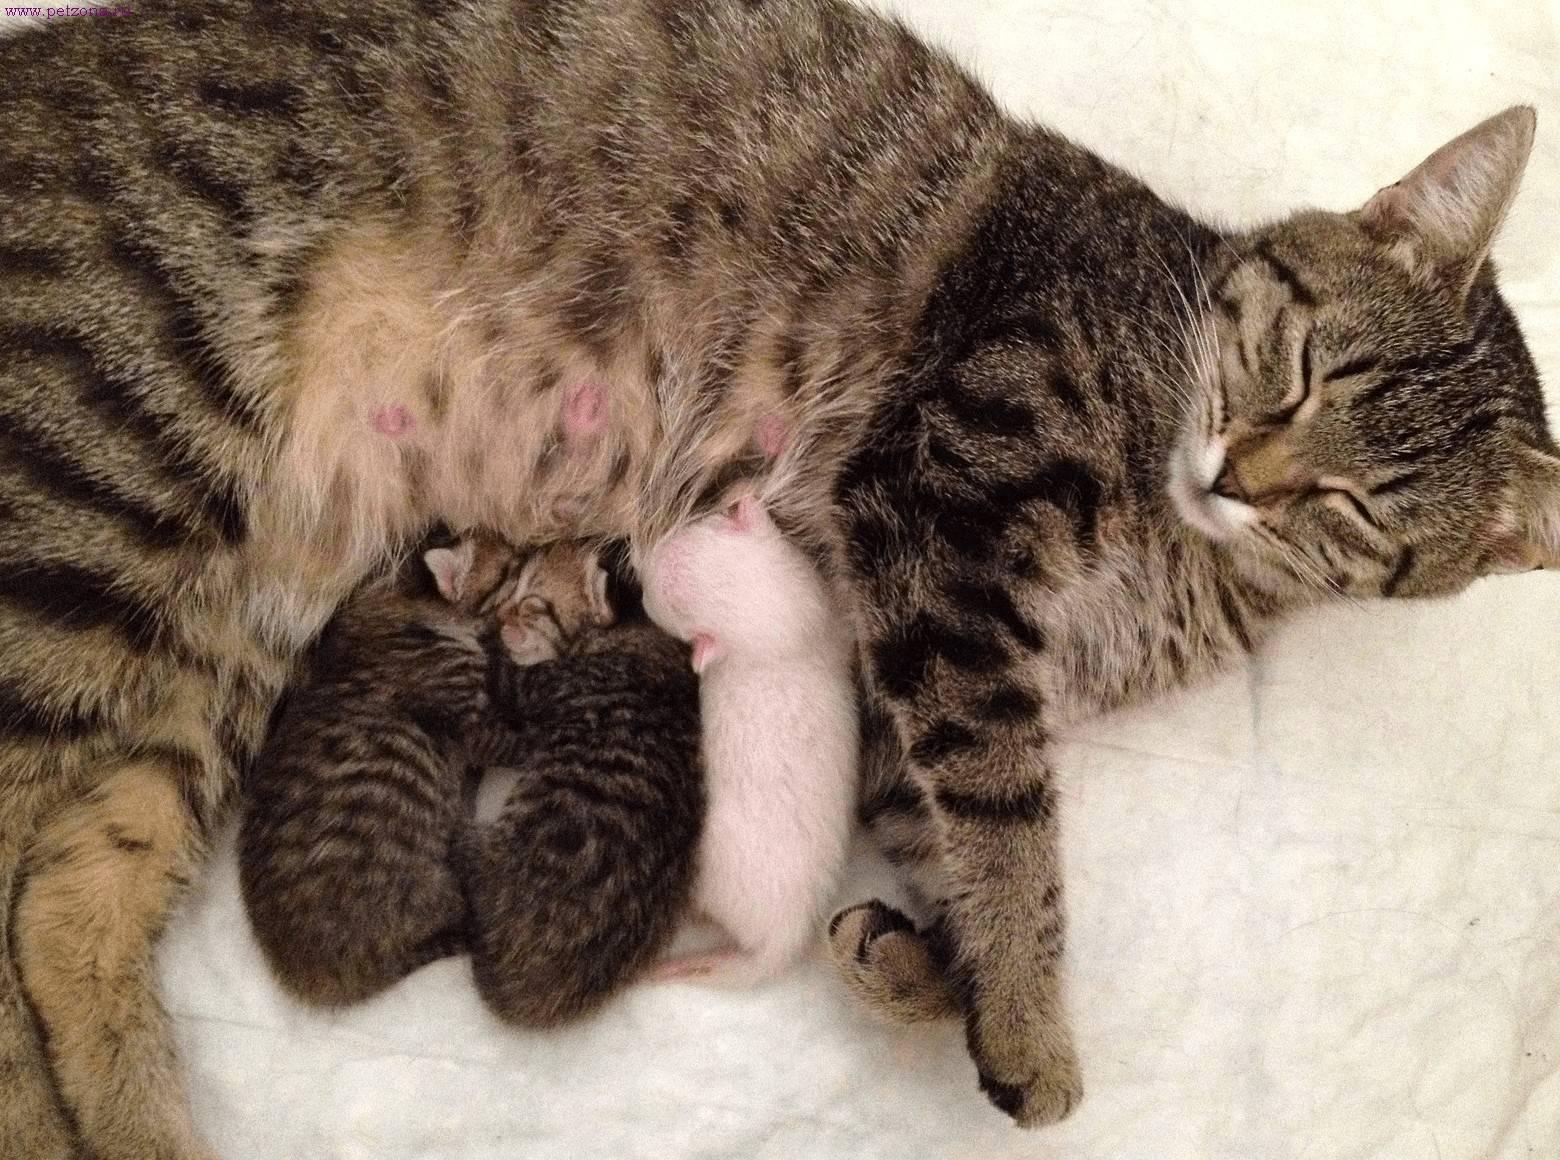 Сонник кошка с родившимися котятами. к чему снится кошка с родившимися котятами видеть во сне - сонник дома солнца